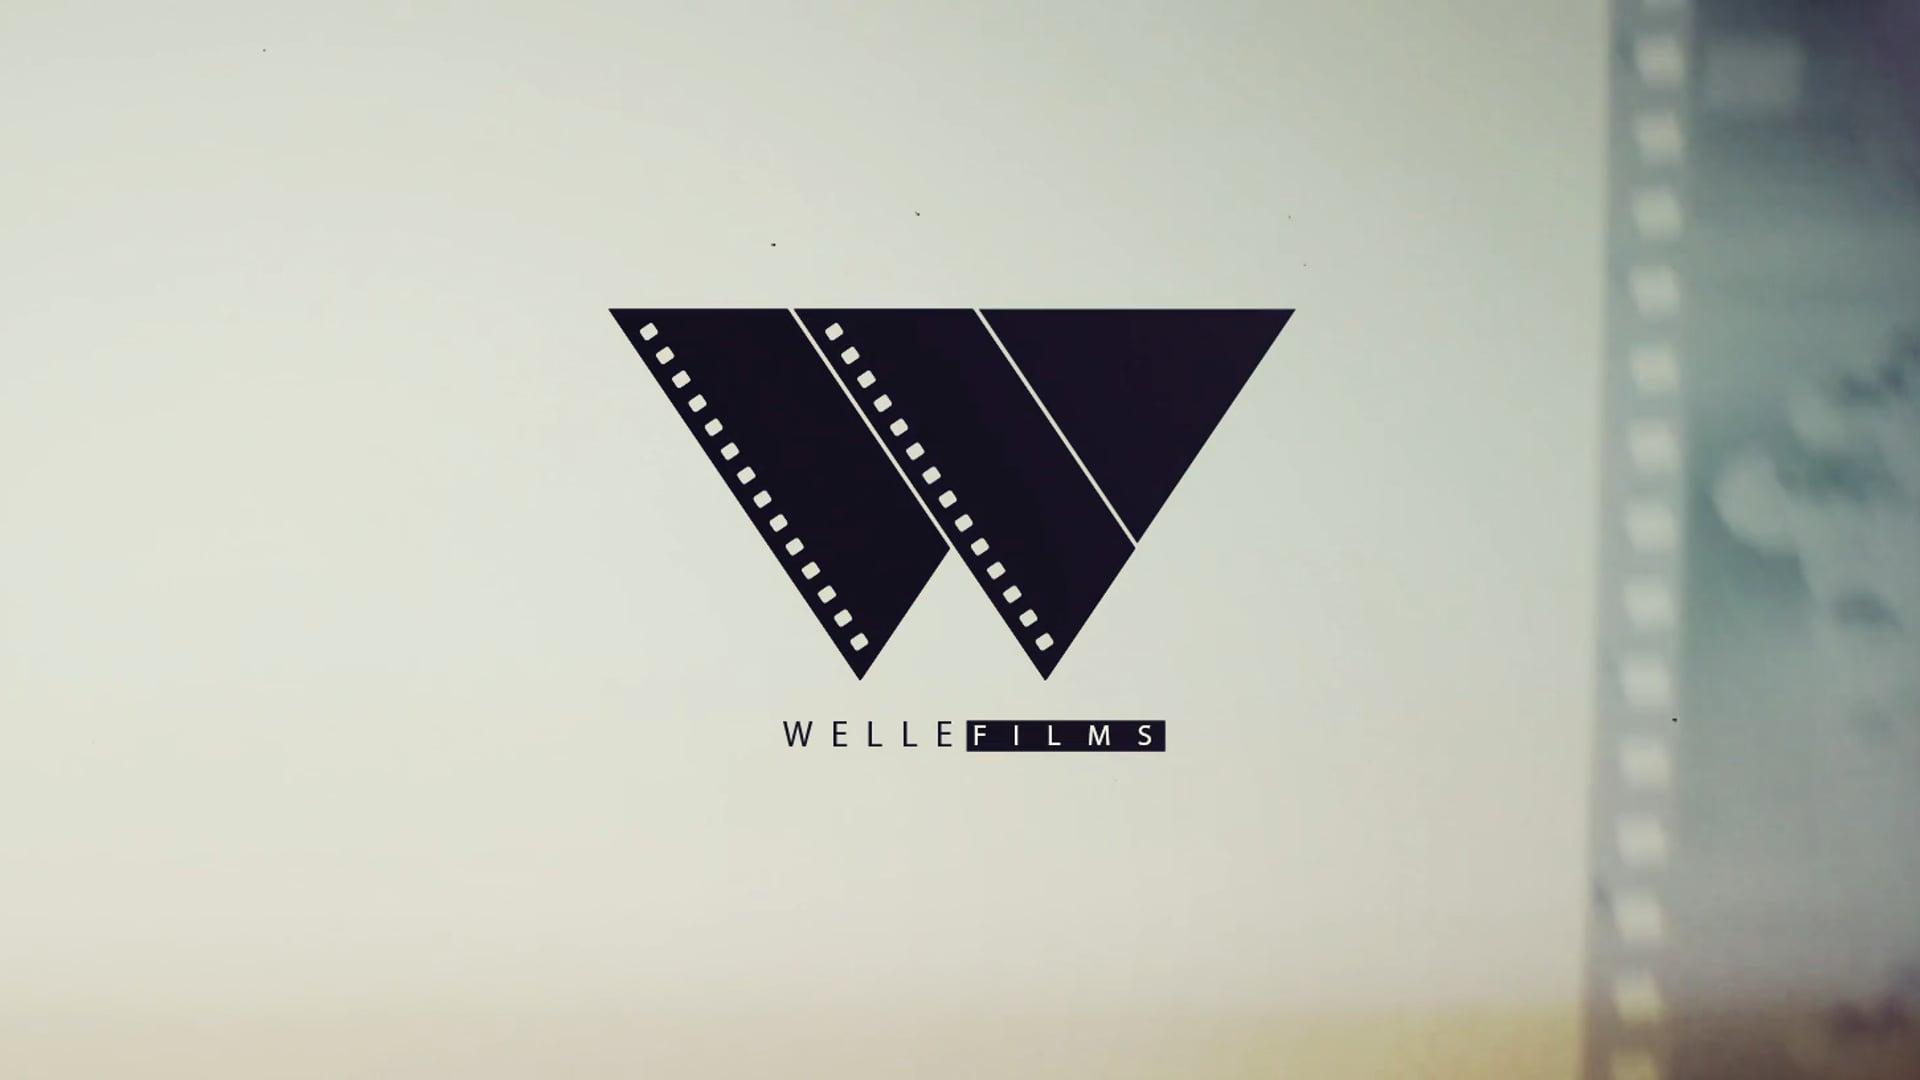 Wellefilms Creative Reel